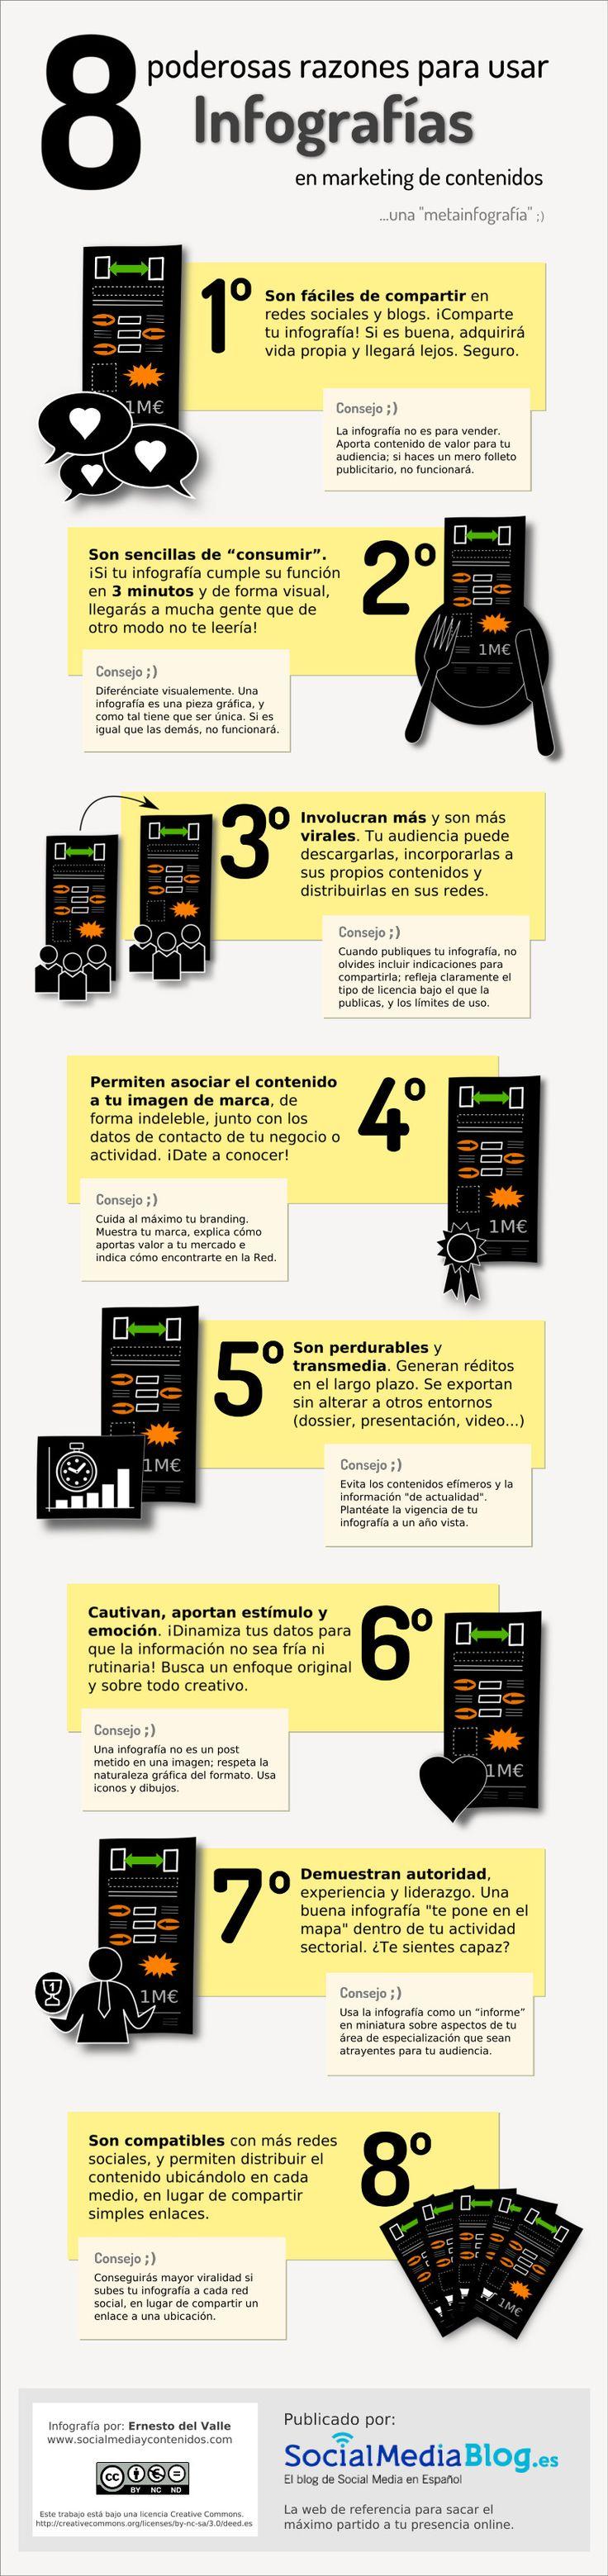 8 poderosas razones para usar infografías.